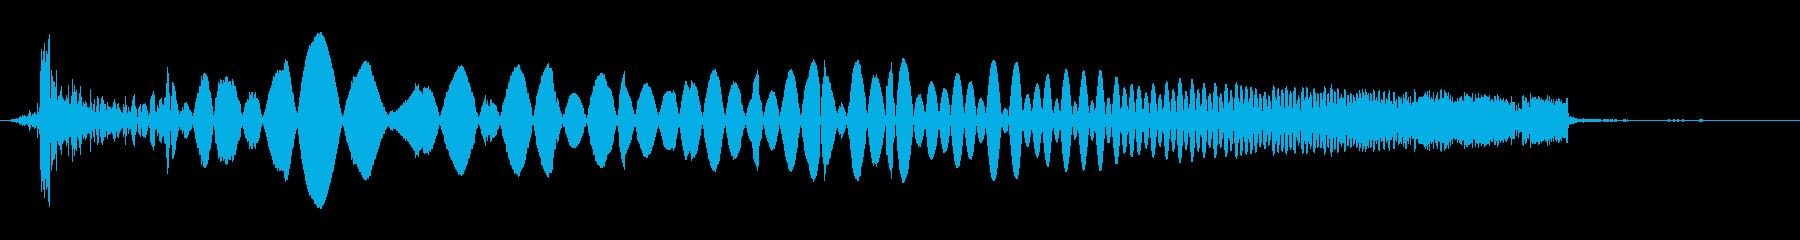 ラジオスキャン9の調整の再生済みの波形